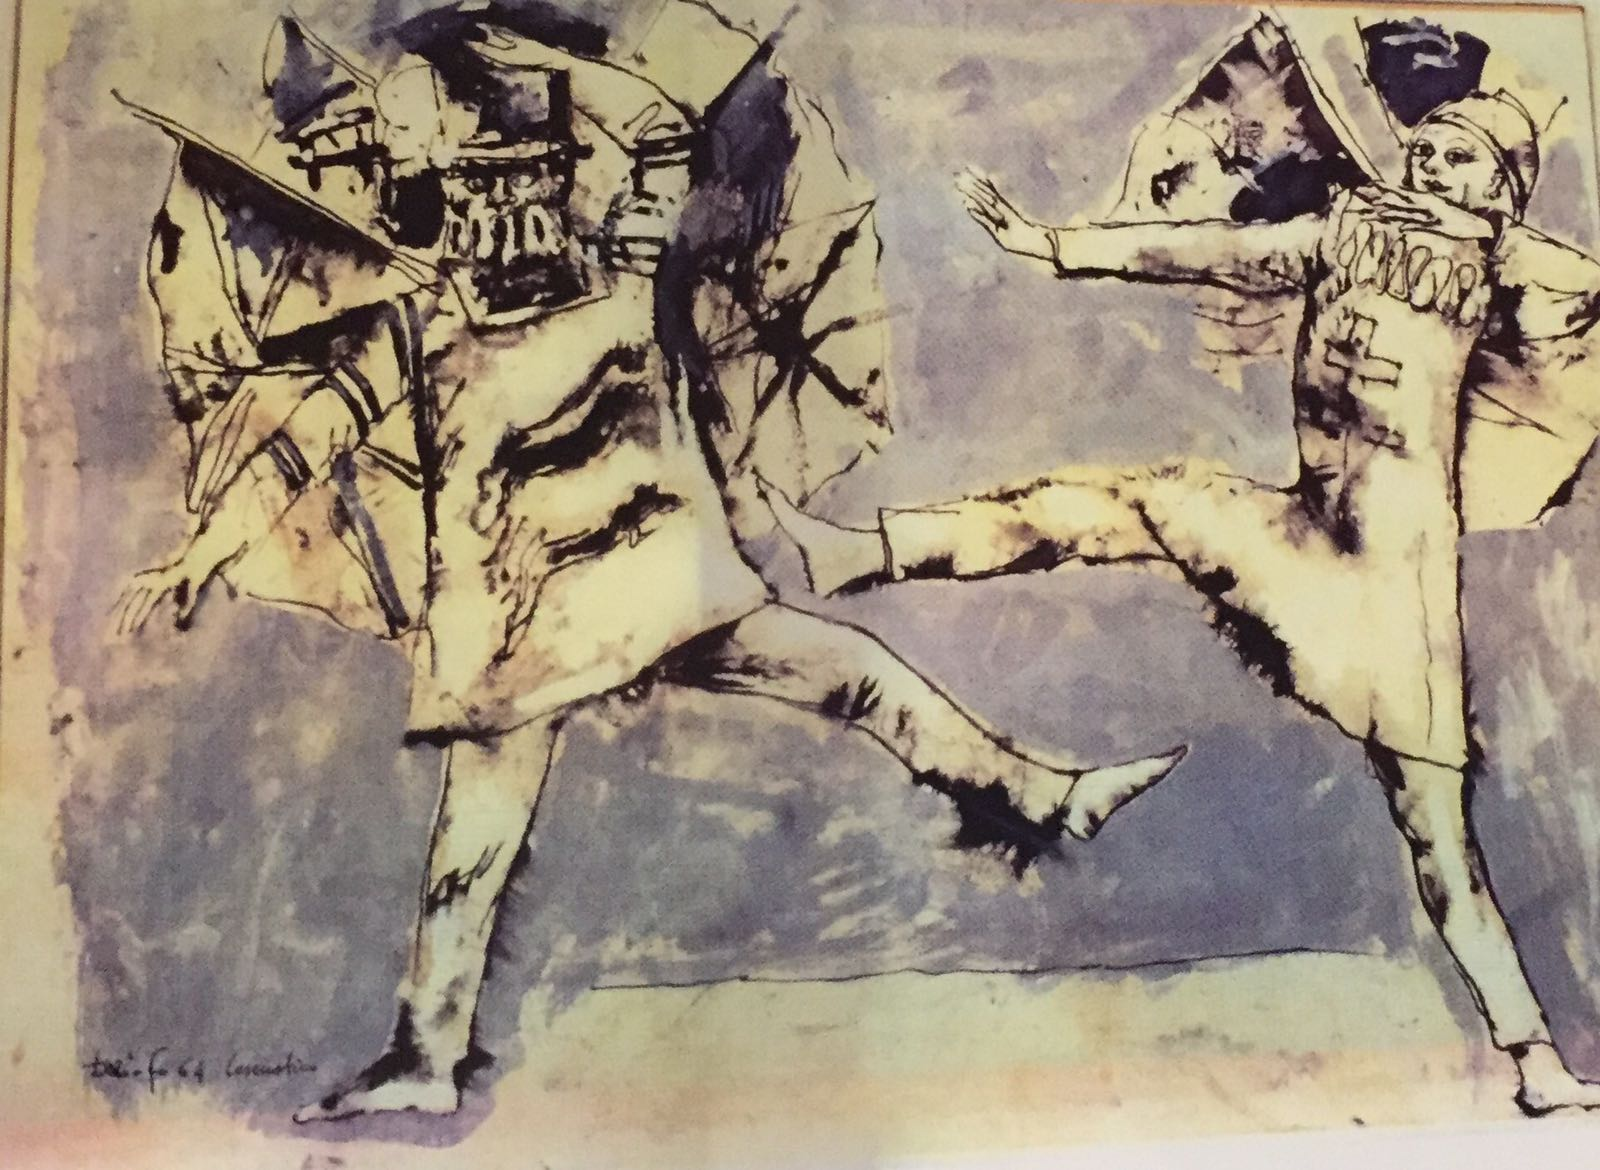 Disegno preparatorio per lo spettacolo Settimo ruba un po' meno, 1964 © Archivio Franca Rame-Dario Fo